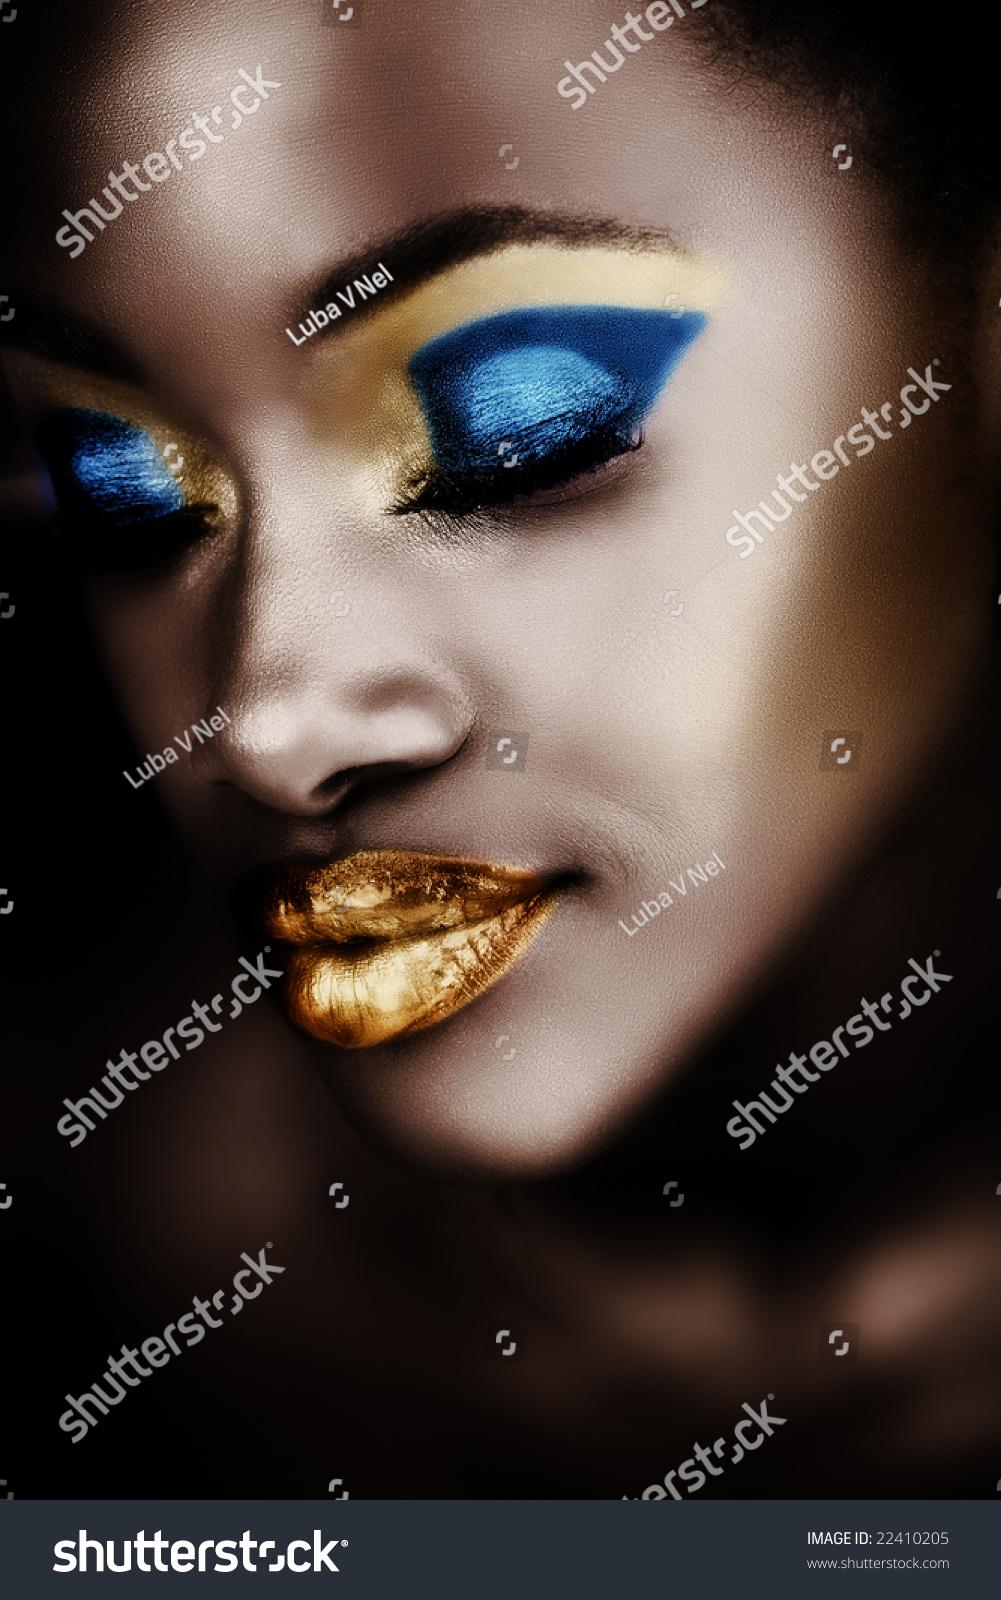 African Woman Gold Blue Metallic Makeup Stock Photo 22410205 ...